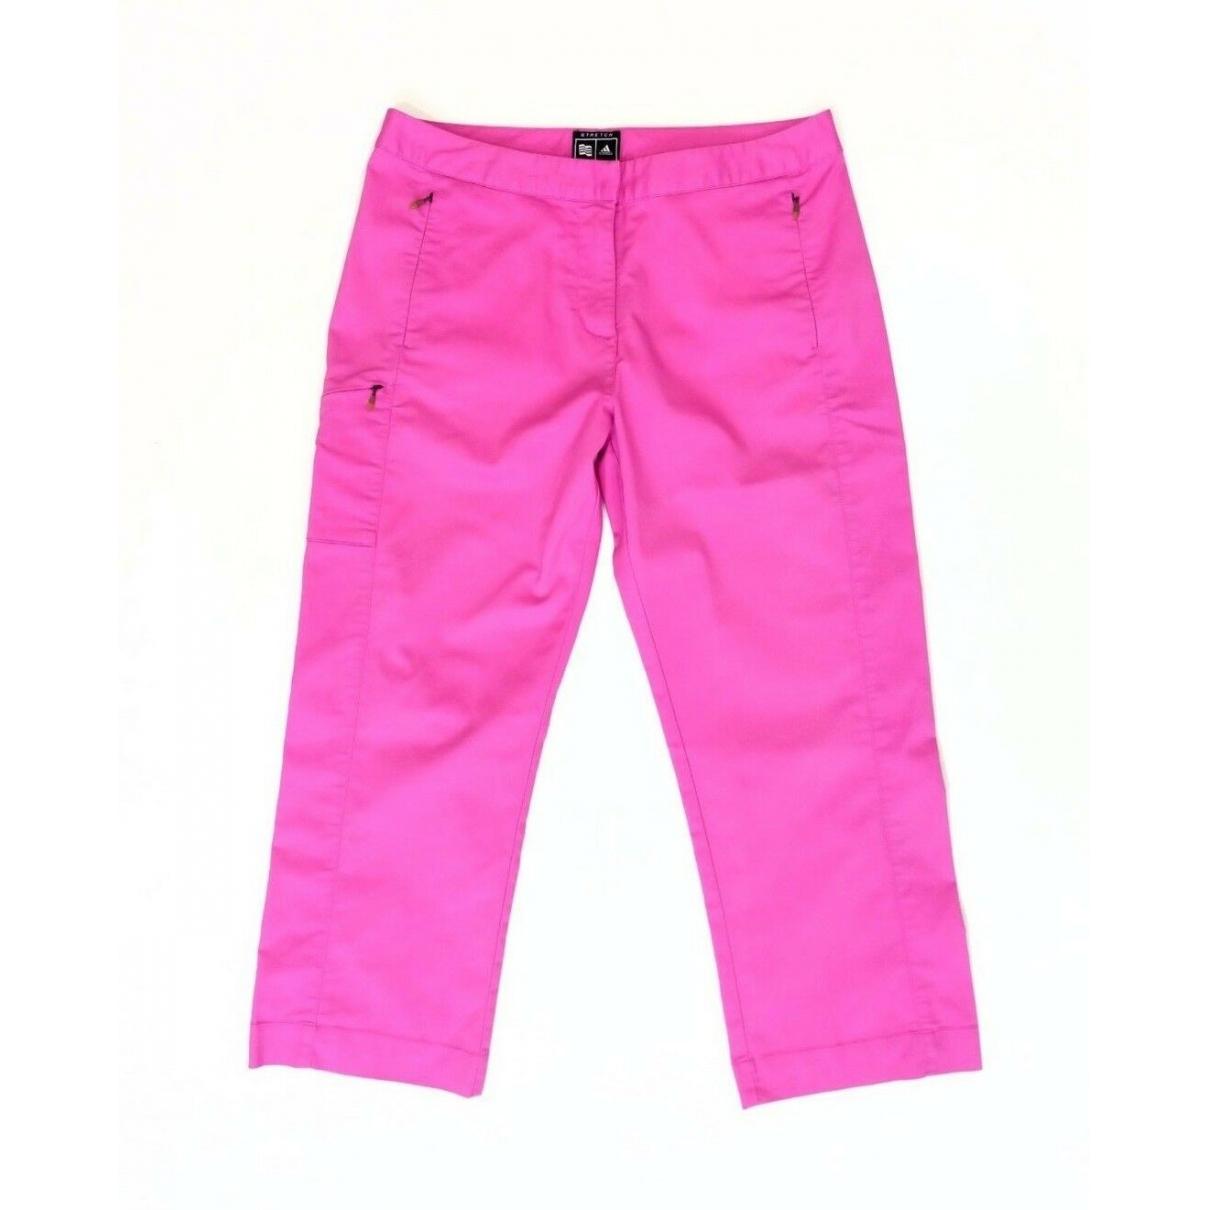 Adidas - Pantalon   pour femme - rose